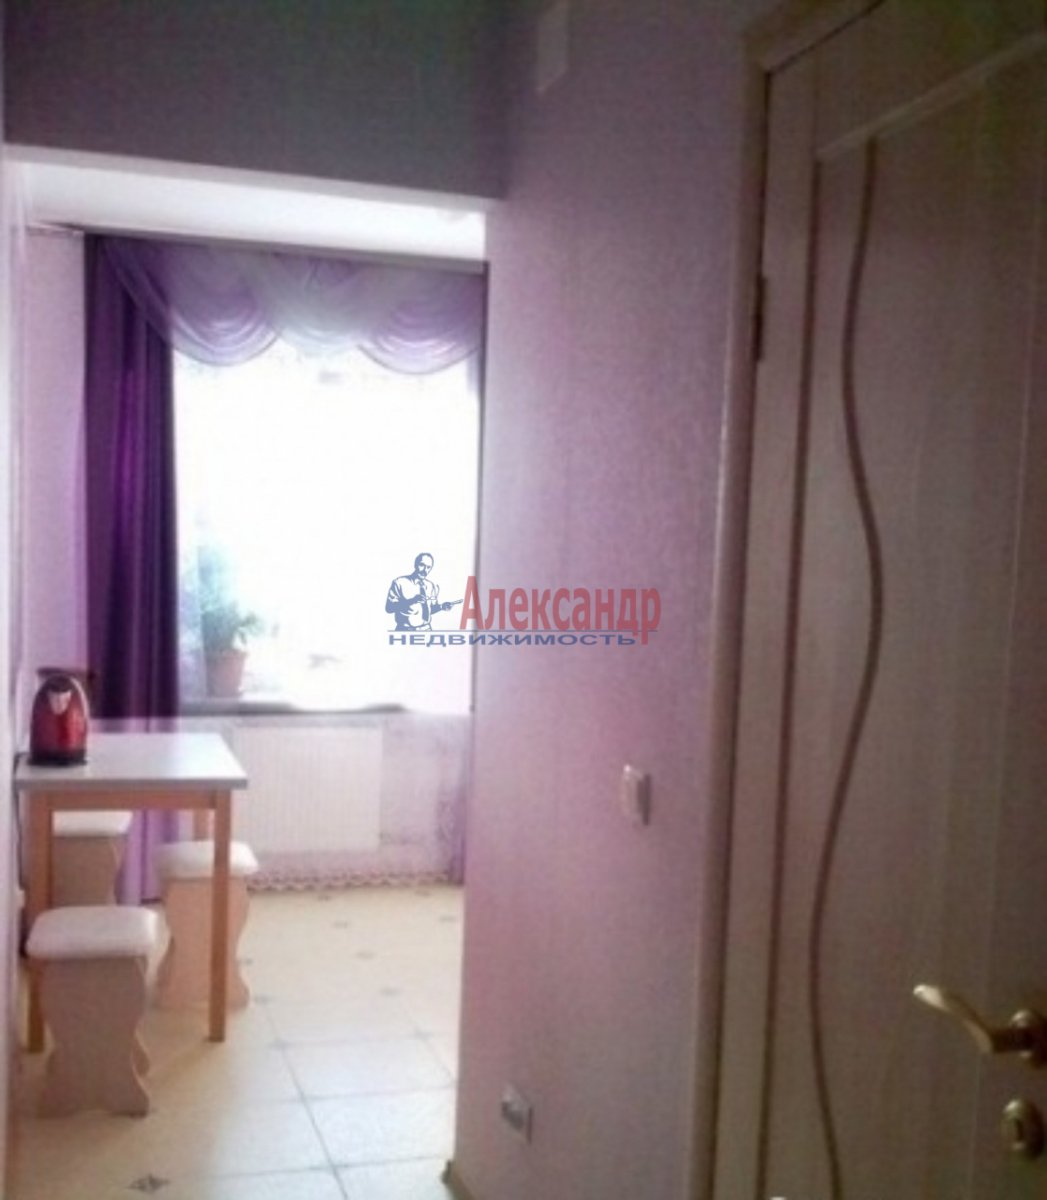 1-комнатная квартира (30м2) в аренду по адресу Спасский пер., 4— фото 2 из 4